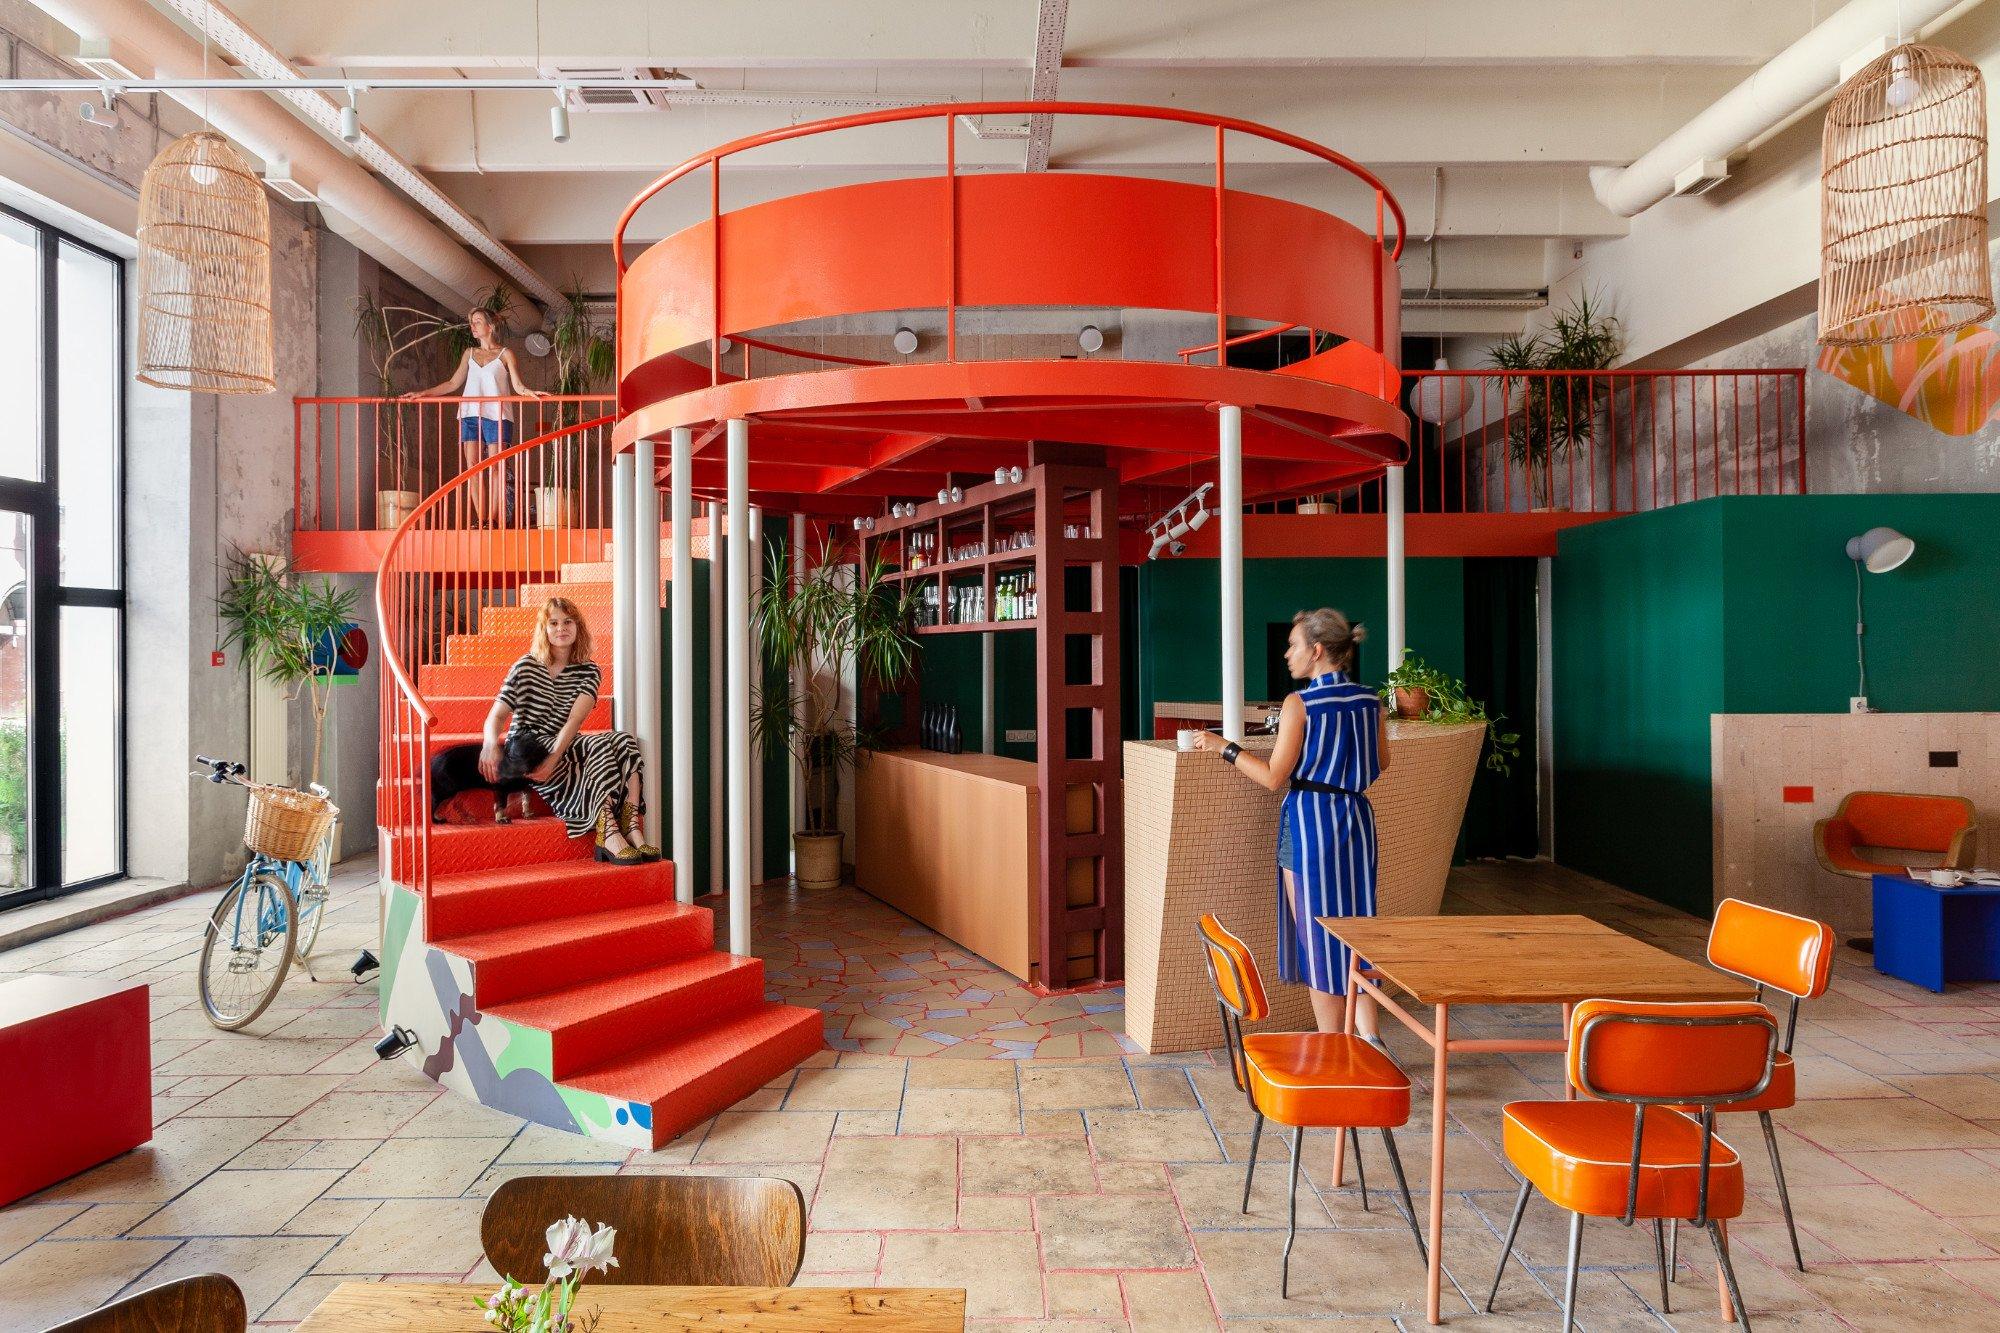 Studio DVEKATI gestalteten eine Moskauer Weinbar als südländisches Retreat samt modernistischer Formen, bunter Wandmalereien und einer Aussichtsplattform.